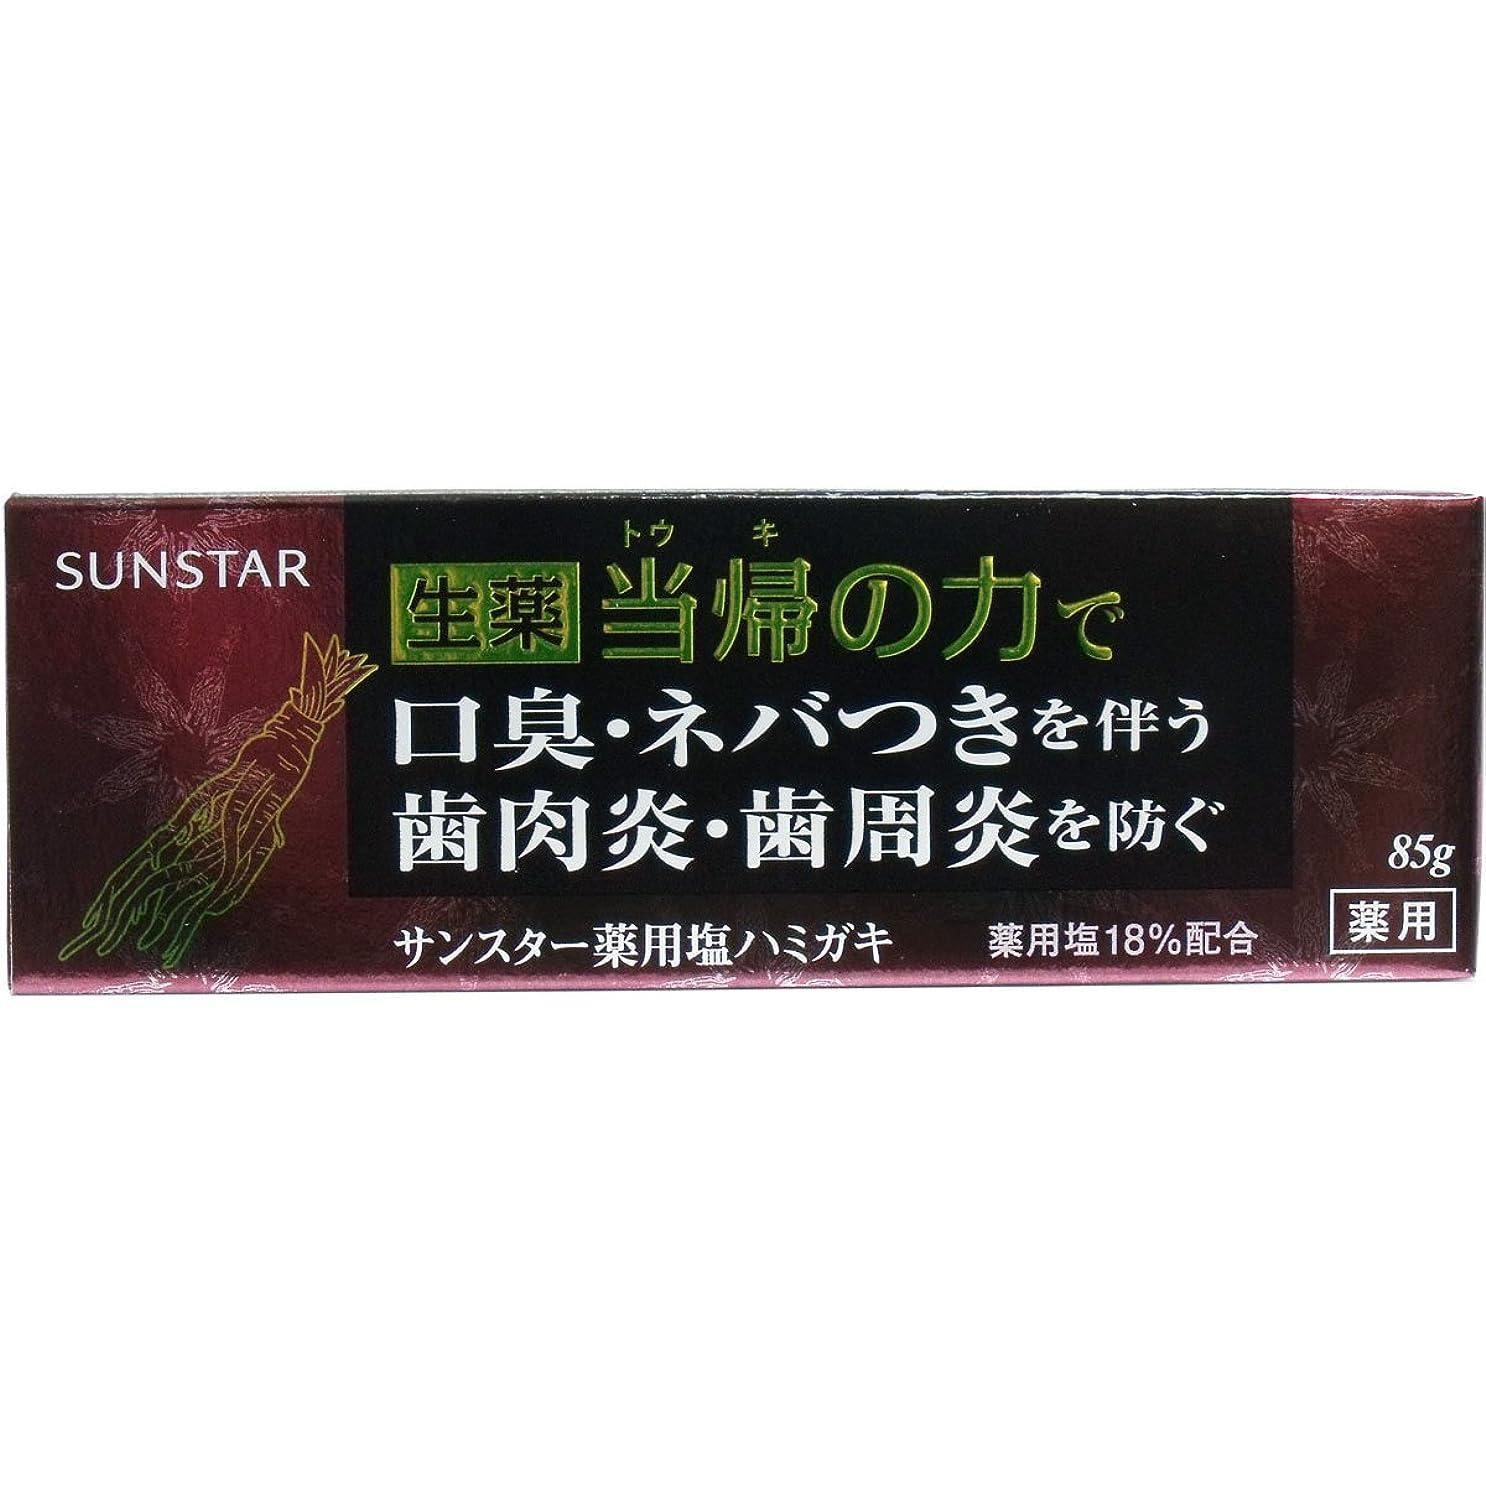 タフを必要としています試み【まとめ買い】サンスター 薬用 ハミガキ 生薬 当帰の力 85g ×2セット